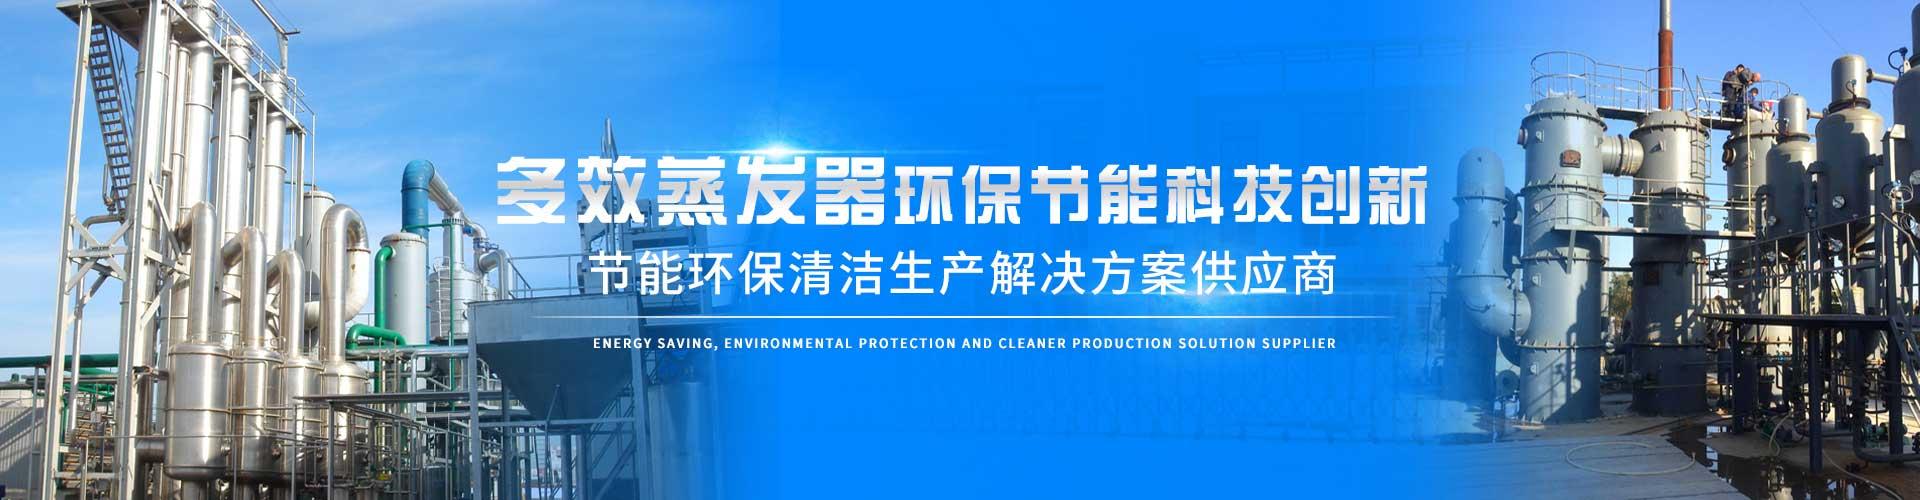 多效蒸發(fa)器環保(bao)節能輪播圖(tu)